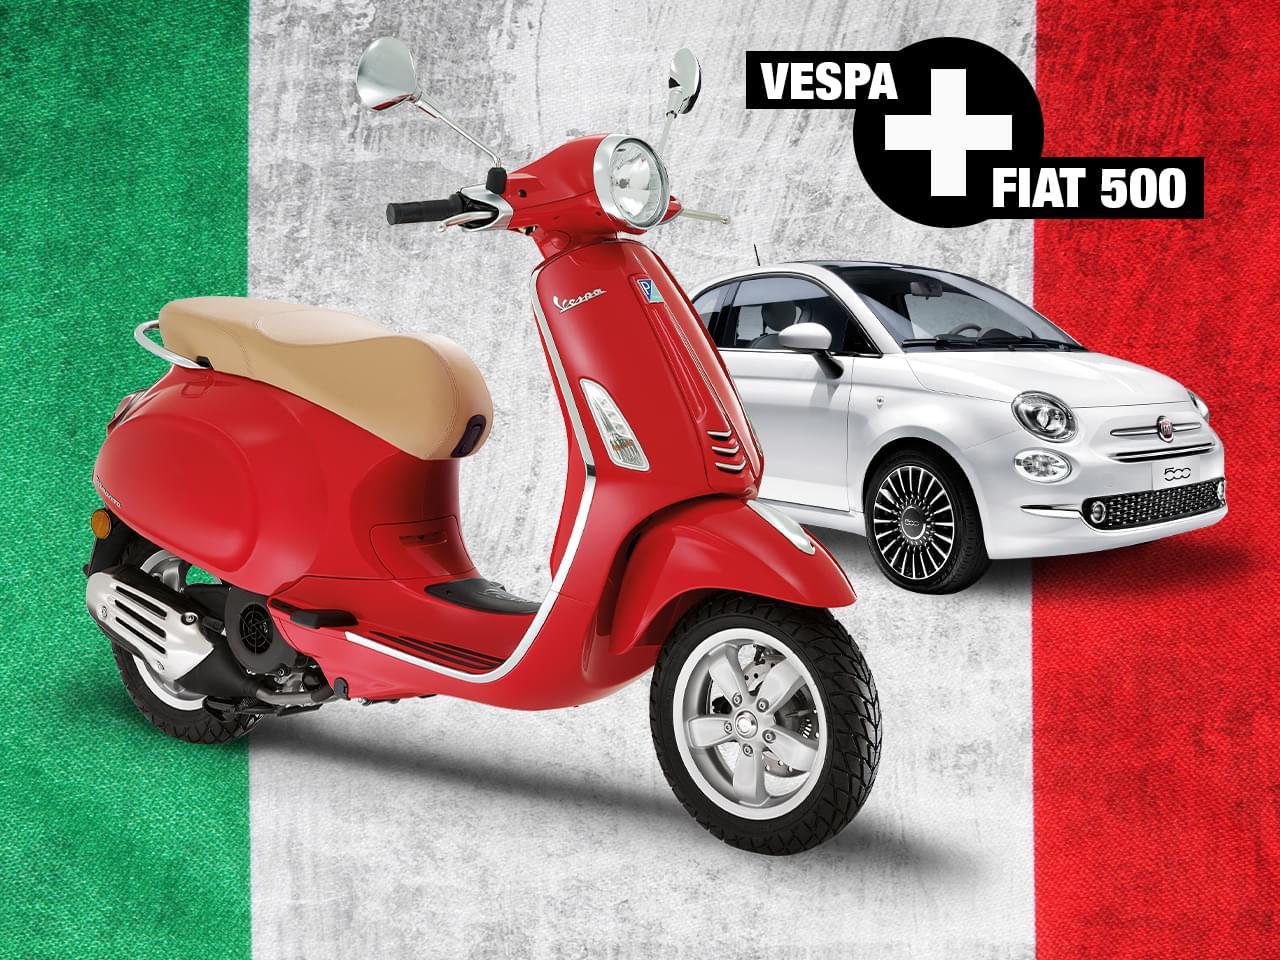 Vespa 50cc + Fiat 500 Lounge 1.2 8V 4T 3V i-get